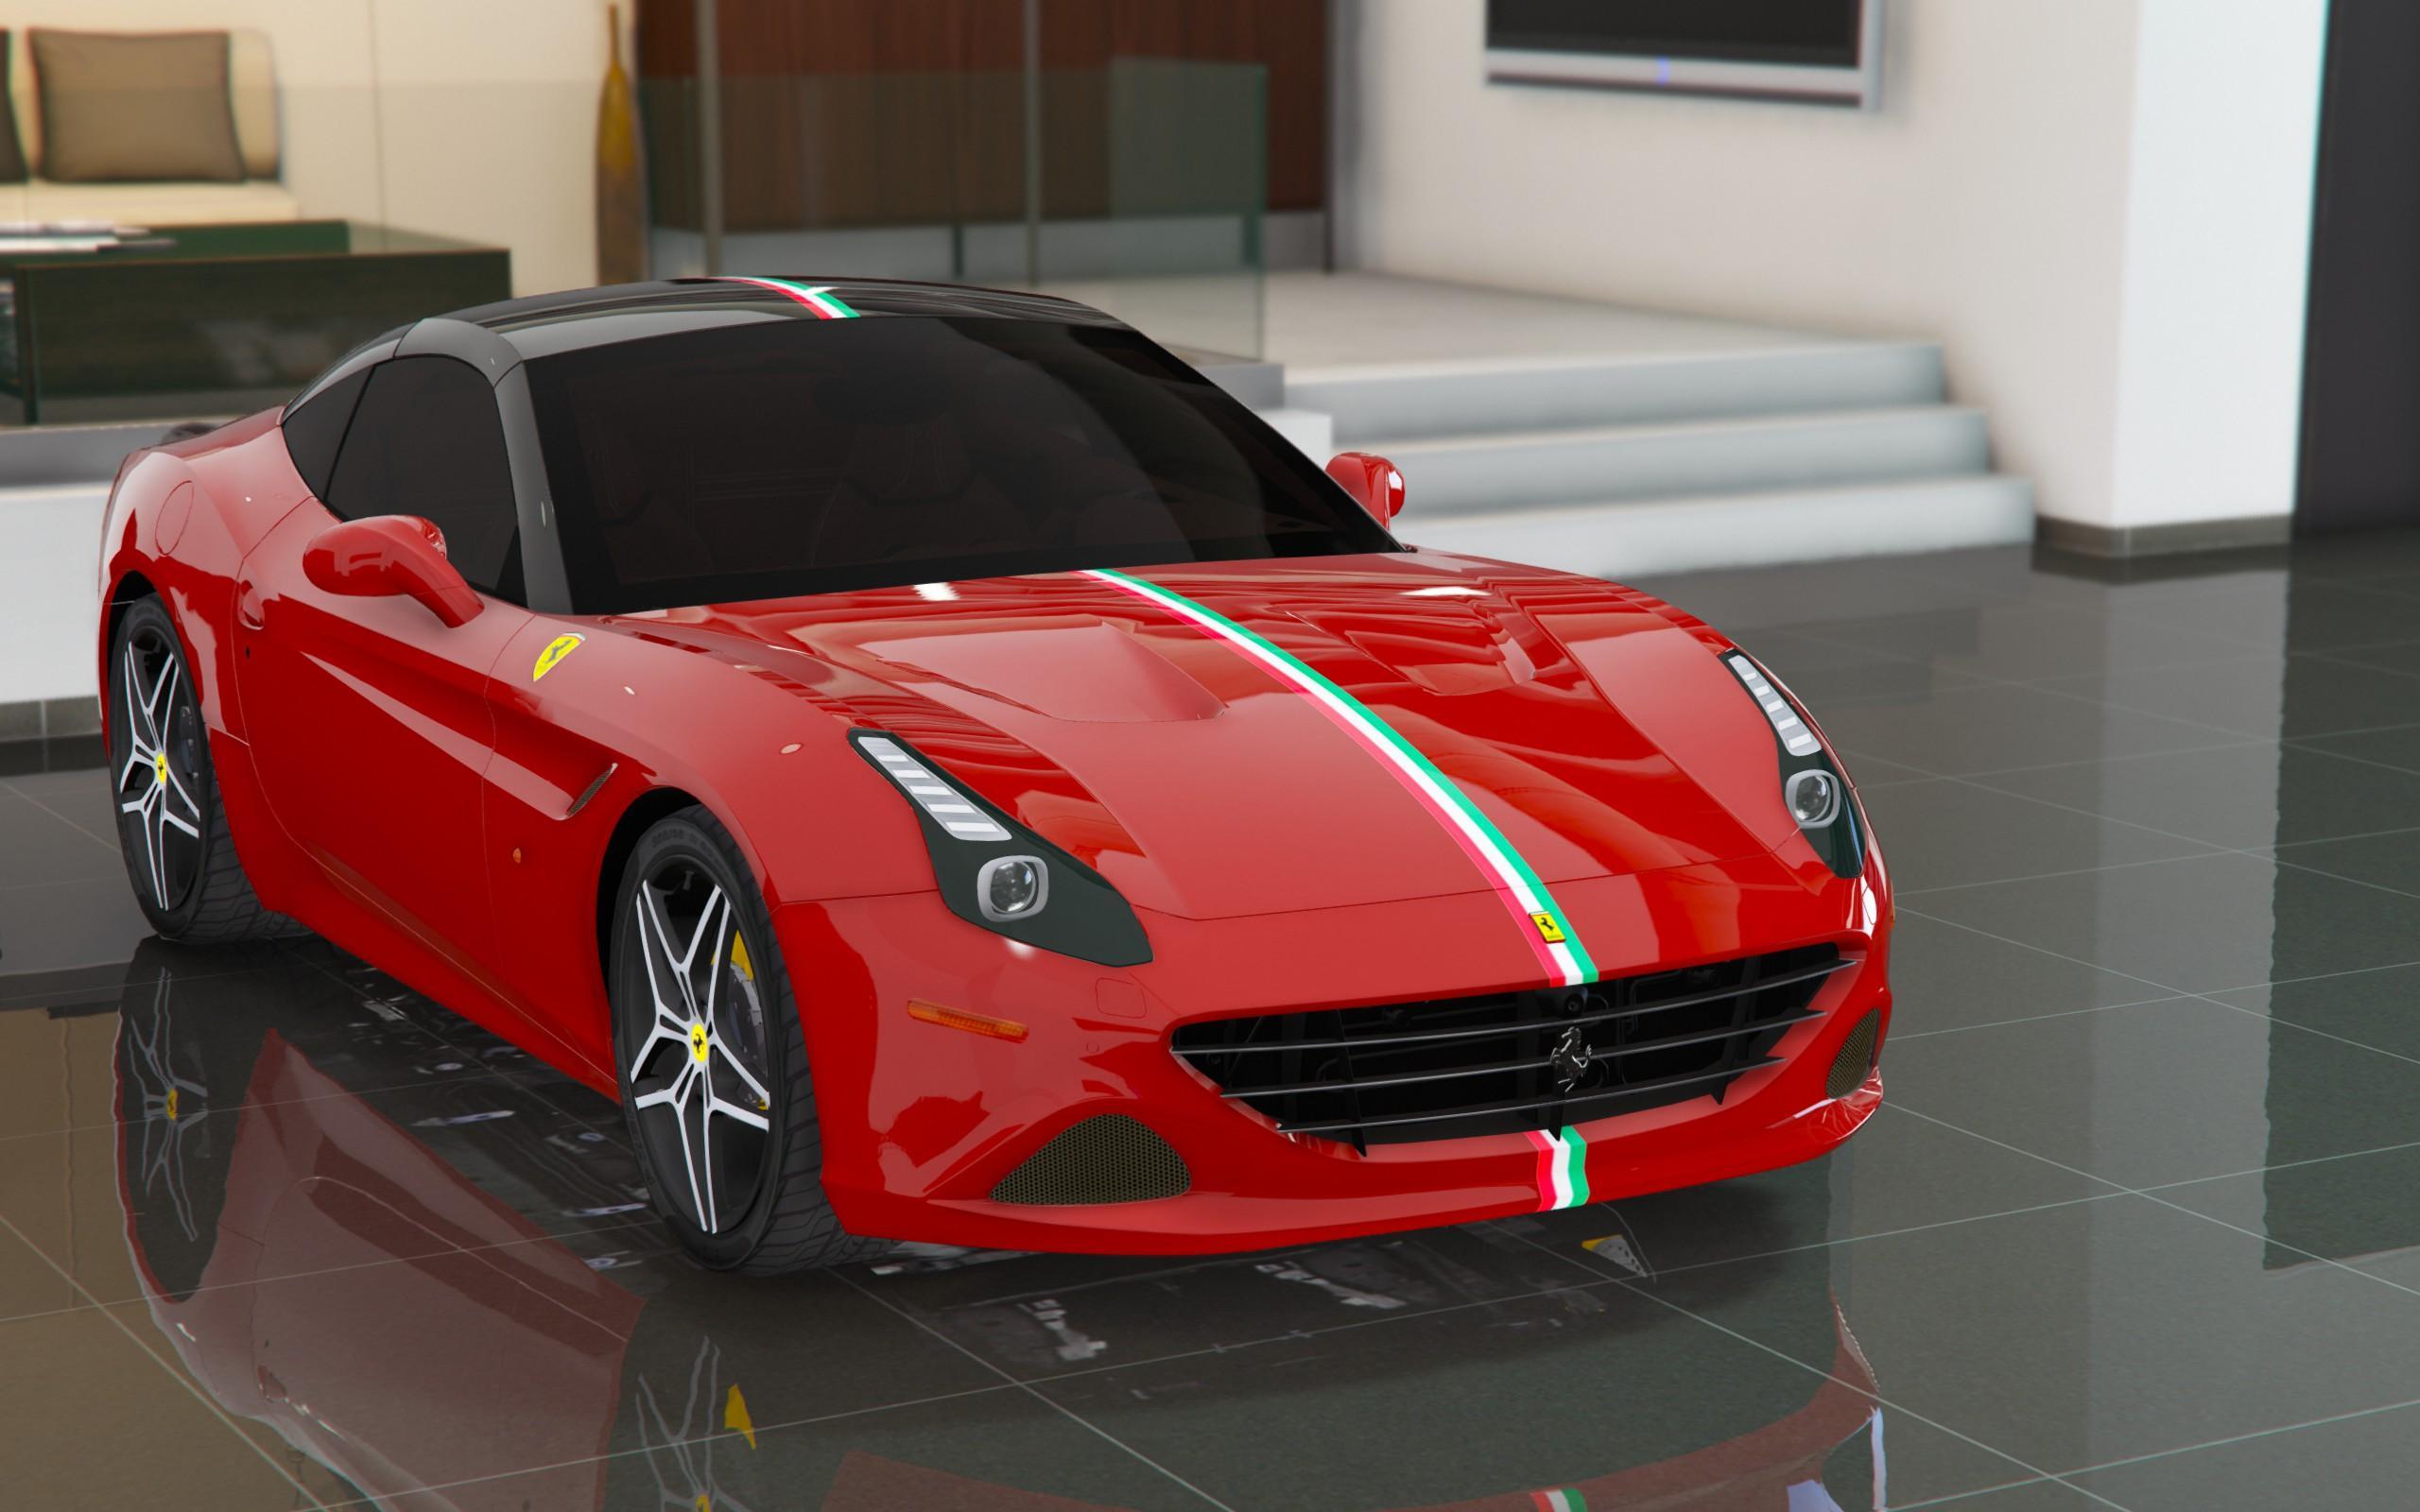 2015 Ferrari California T [Add-On / Replace] - GTA5-Mods.com